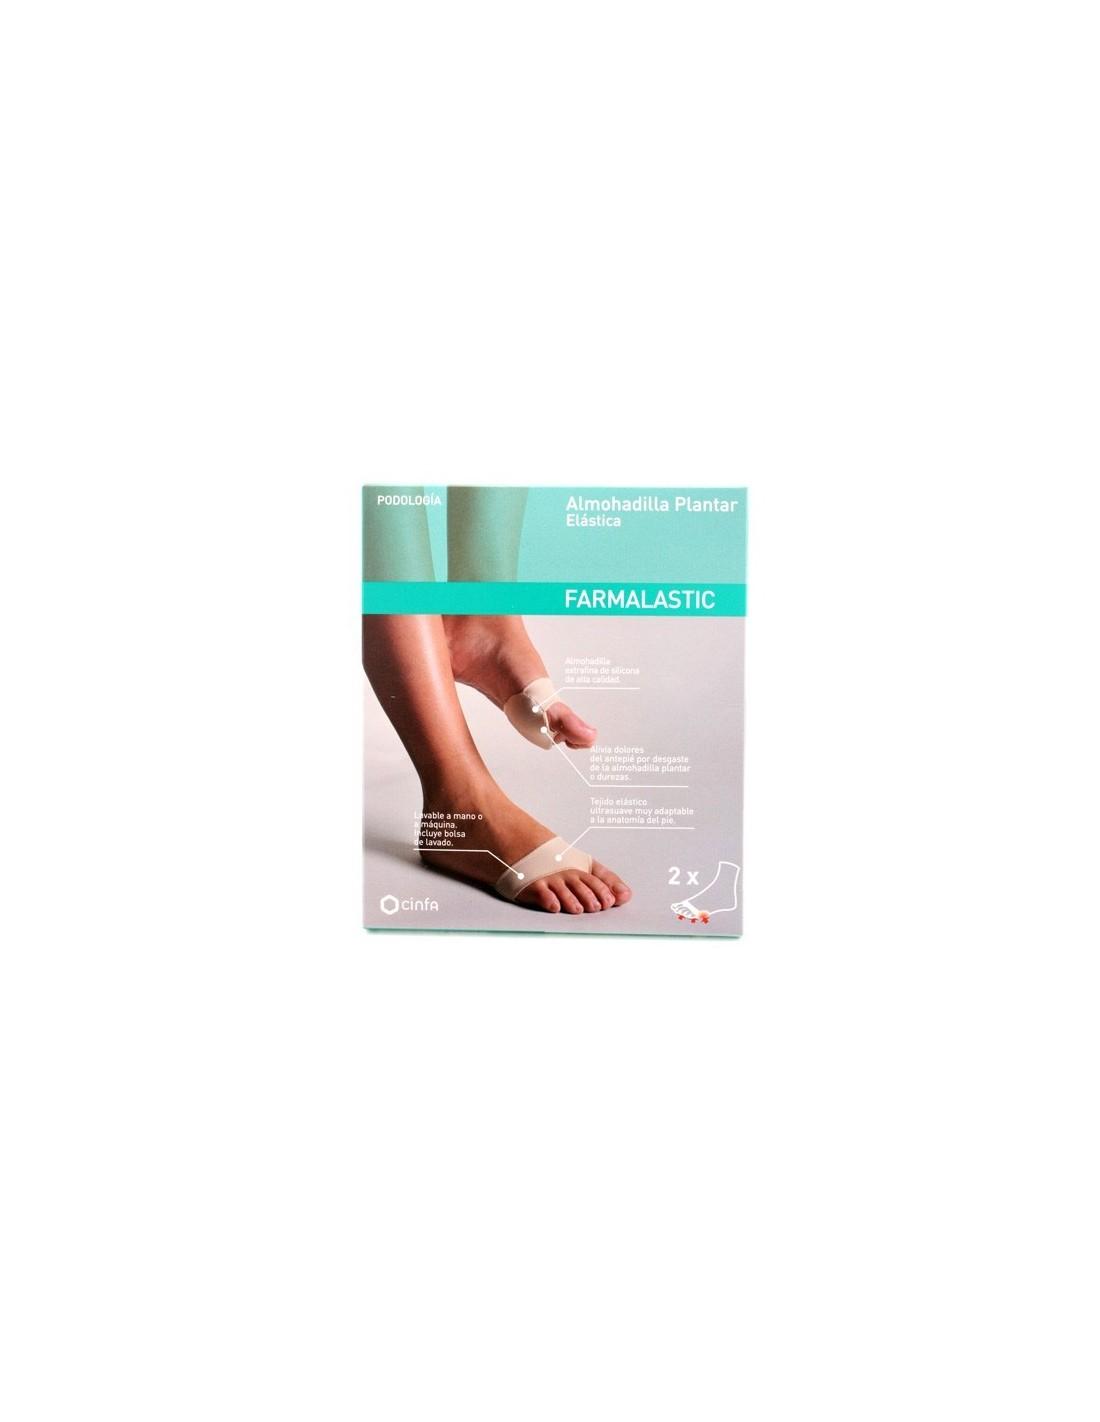 Almohadilla Plantar Farmalastic, Talla M | Plantillas y Descanso pies